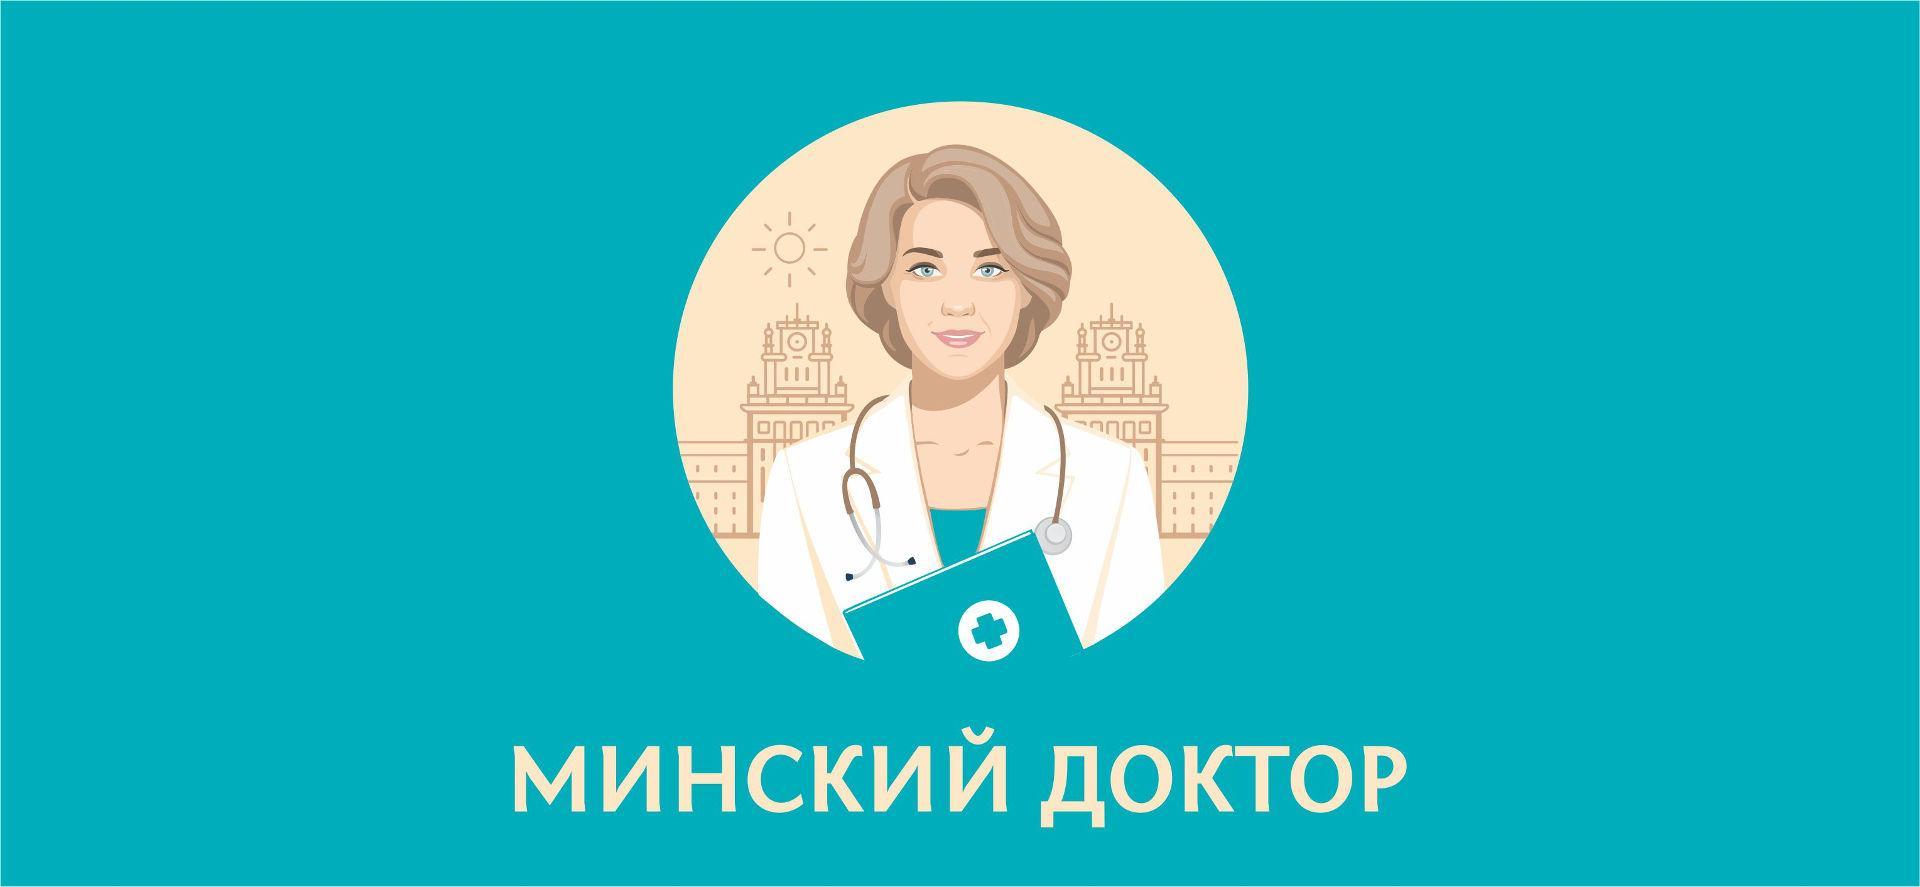 Разработка персонажа врача для медицинской клиники